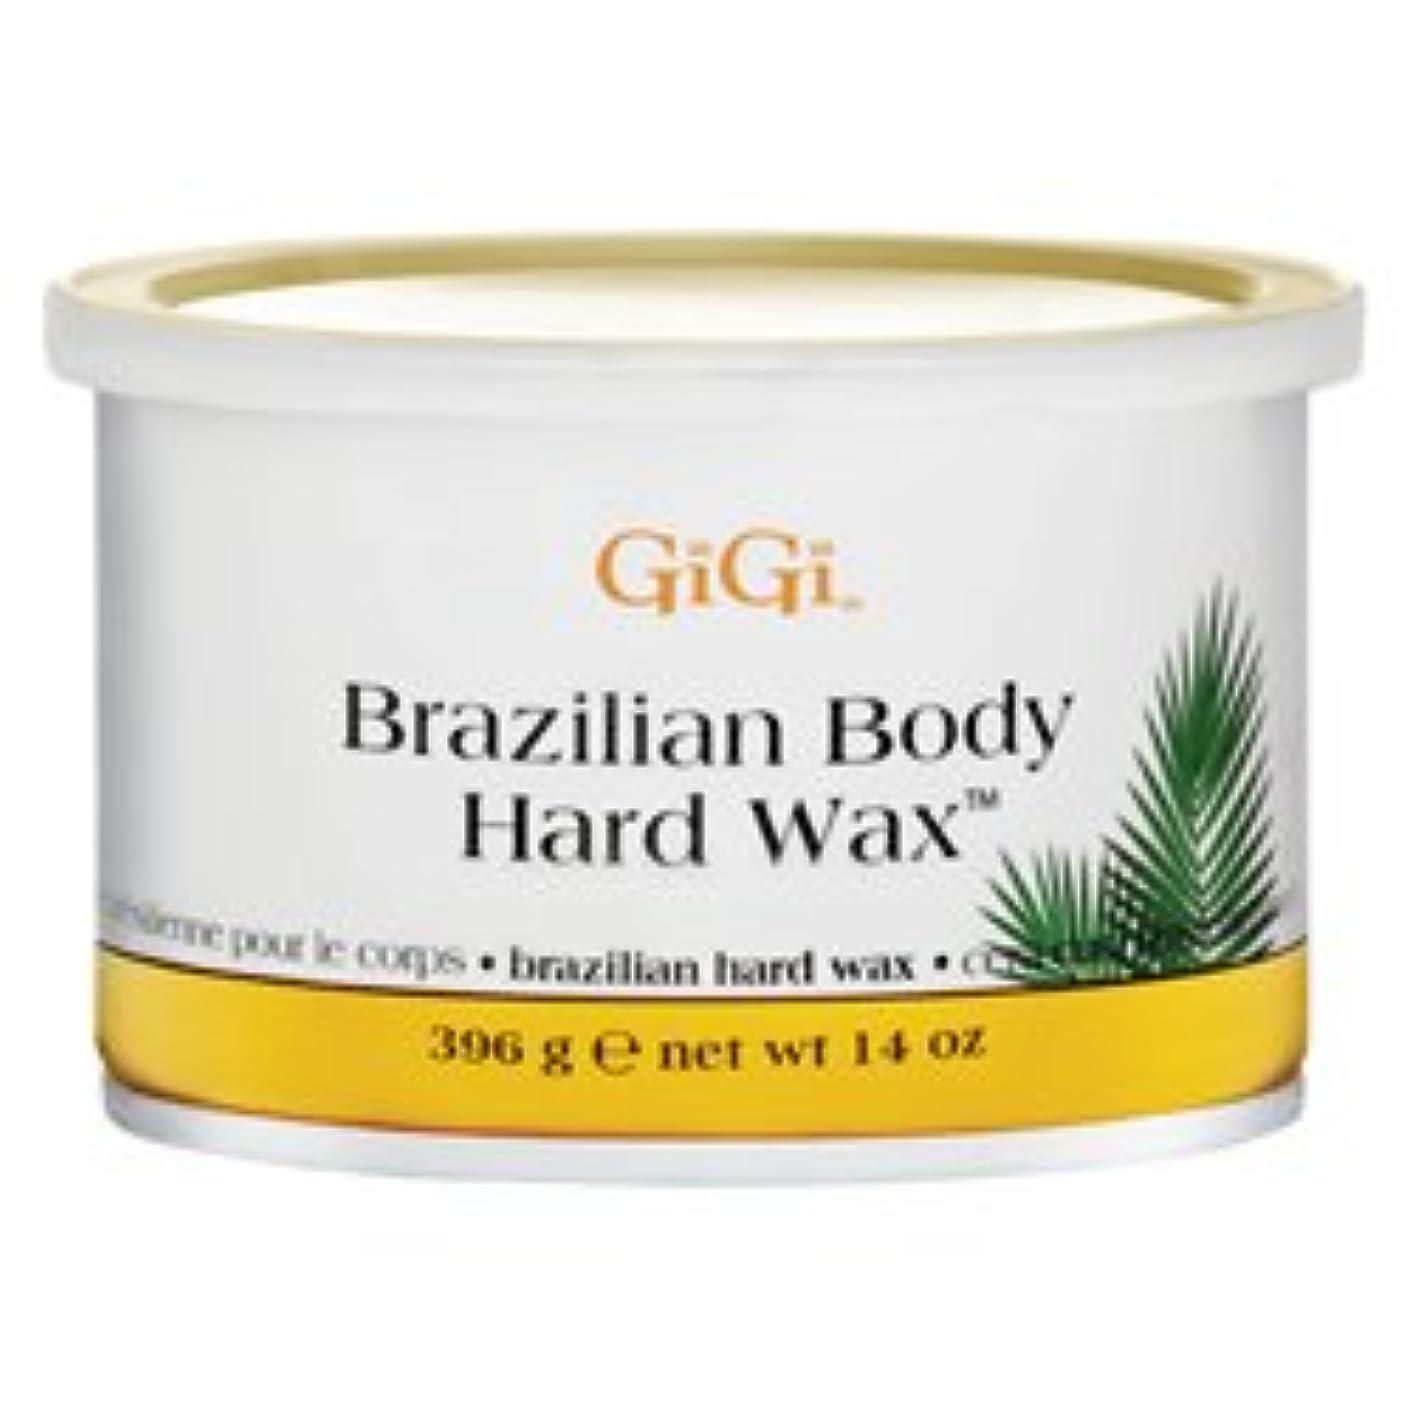 爵広告やさしくブラジリアンボディハード脱毛ワックス 396g (並行輸入品)